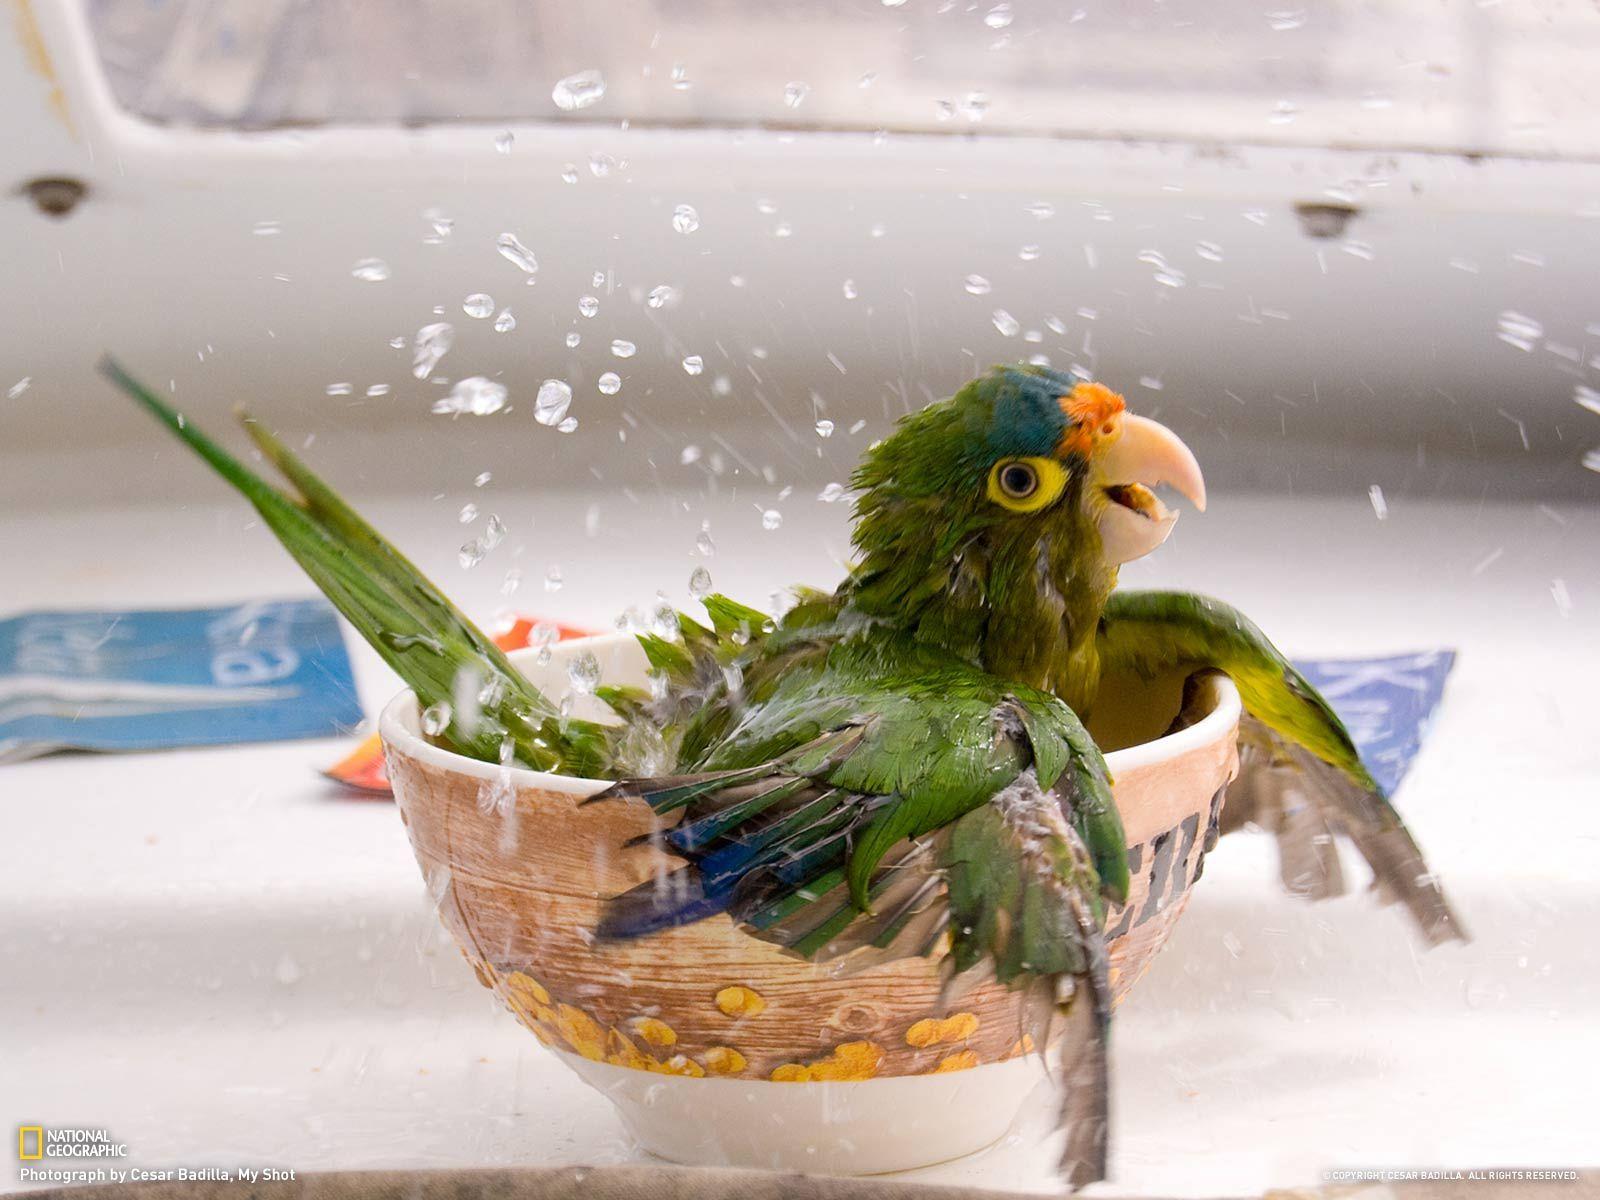 baño.....del loro